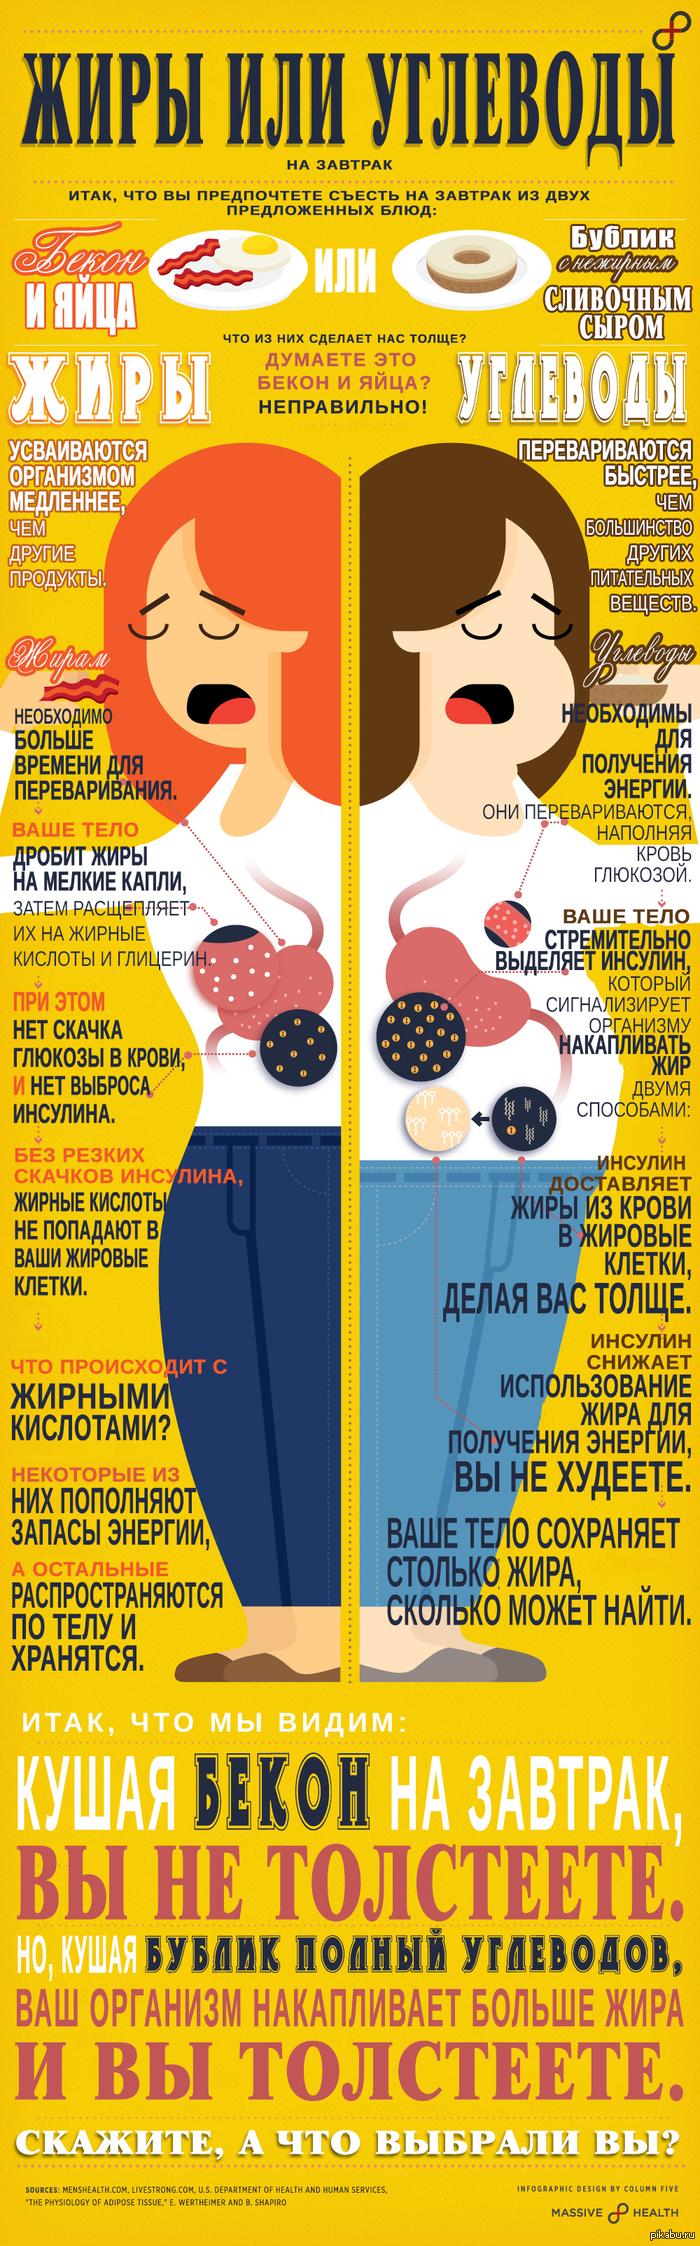 еда перед тренировкой для похудения примеры